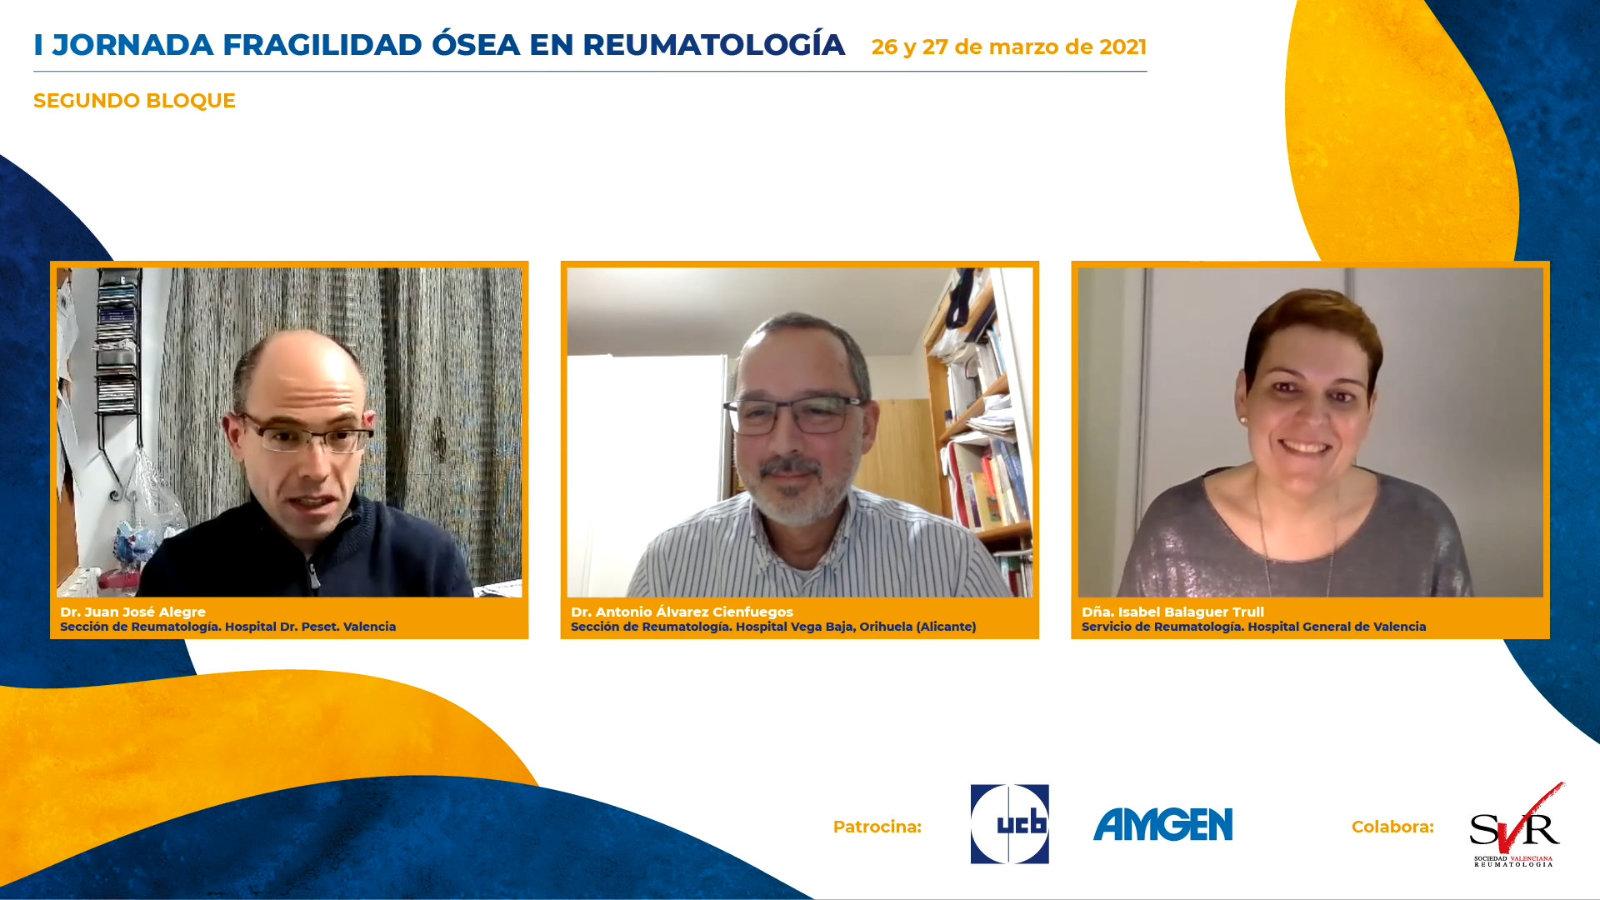 I Jornada Fragilidad Ósea en Reumatología 2021: Segundo bloque